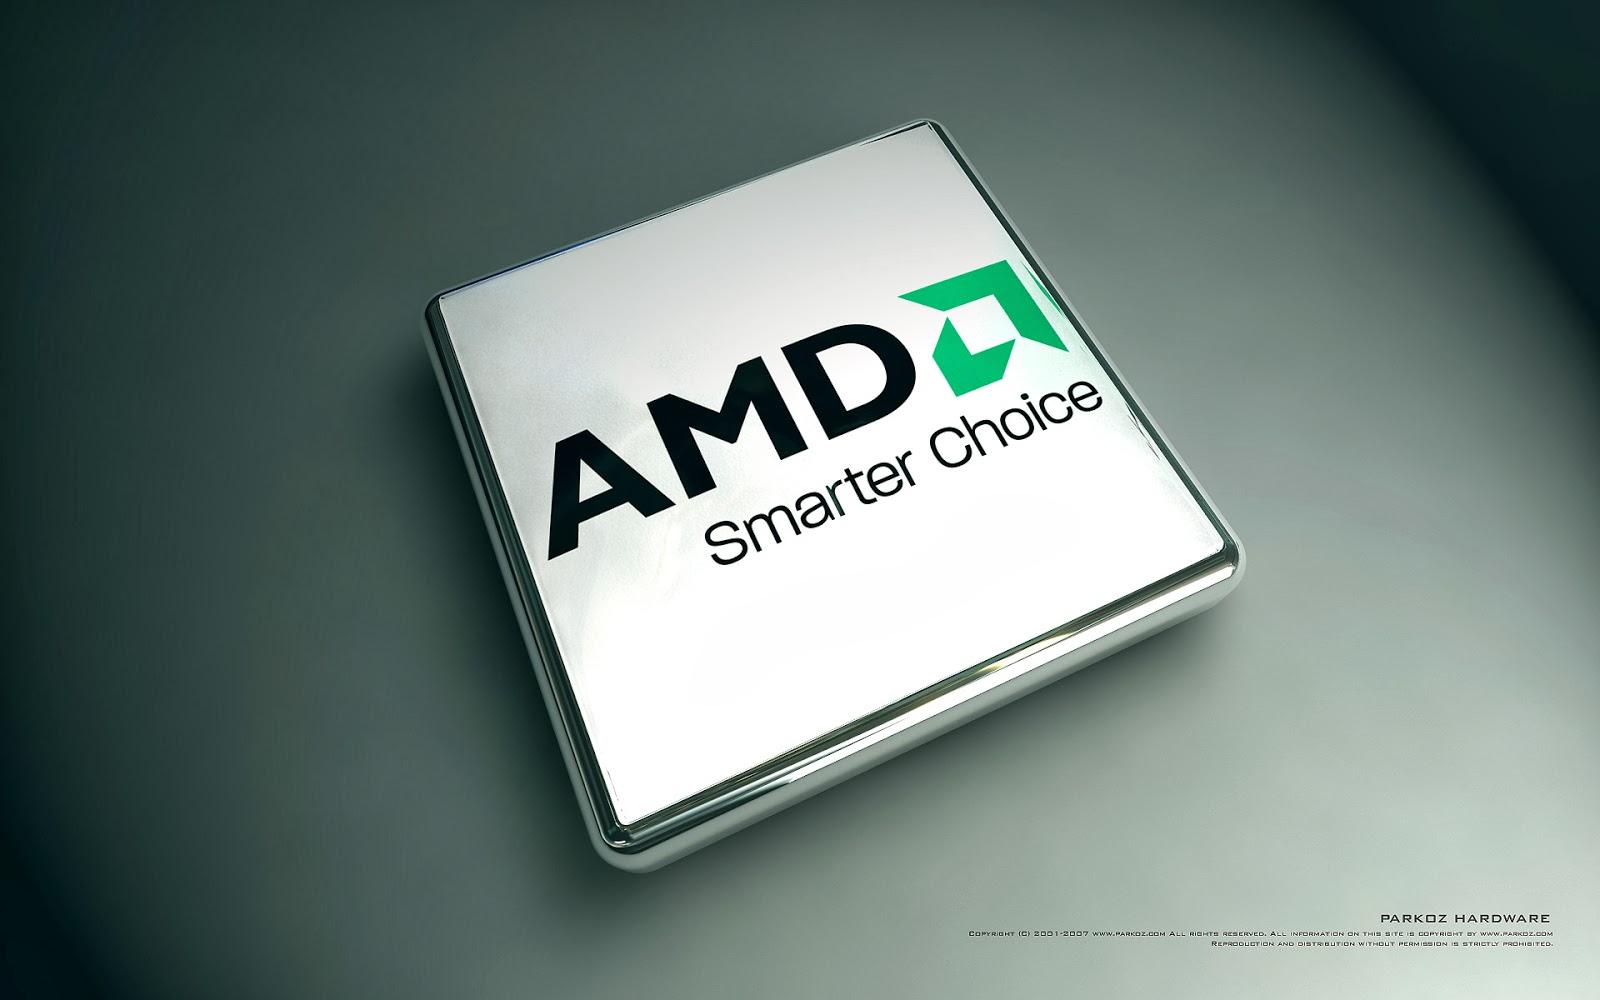 Adalah Sebuah Perusahaan Pembuat Sirkuit Terpadu Processor Atau Ic Integrated Circuit Yang Bermarkas Divale California Amerika